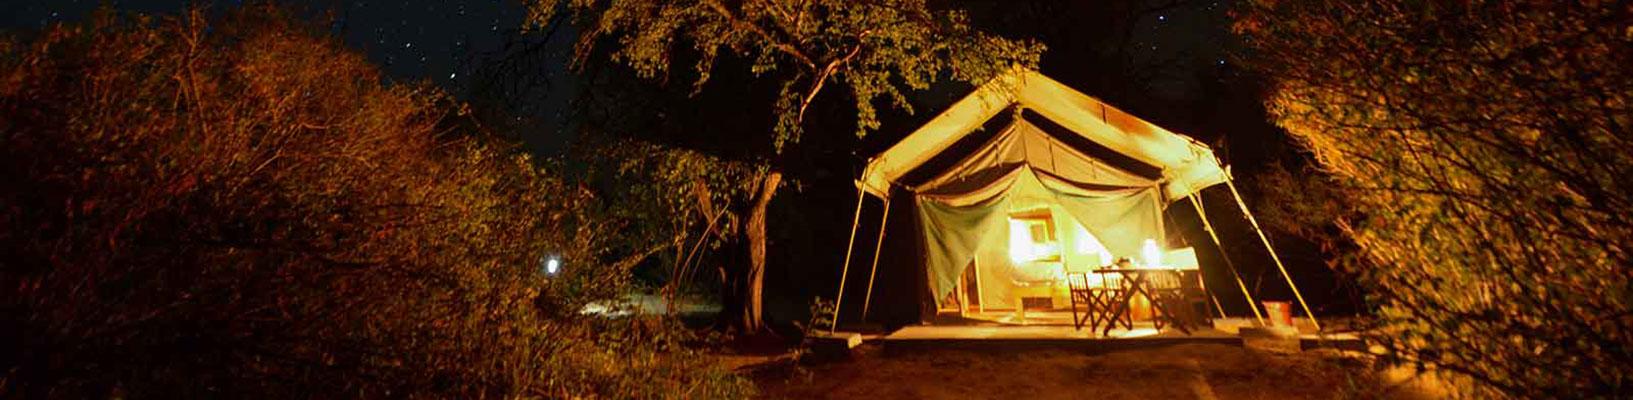 9c-tuskers-bush-camp-tent1.jpg